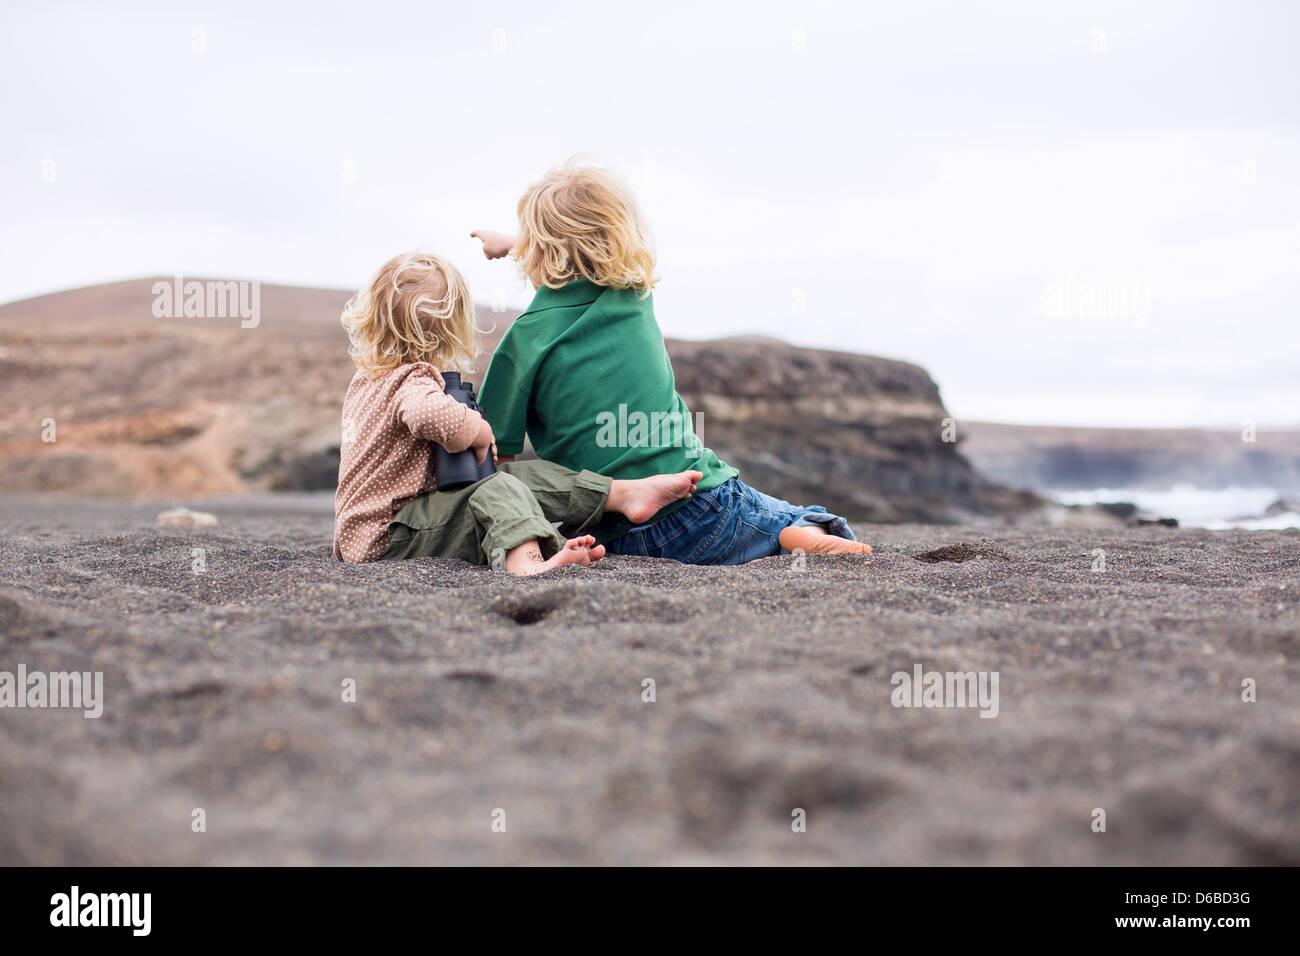 Des enfants assis dans le sable sur la plage Photo Stock